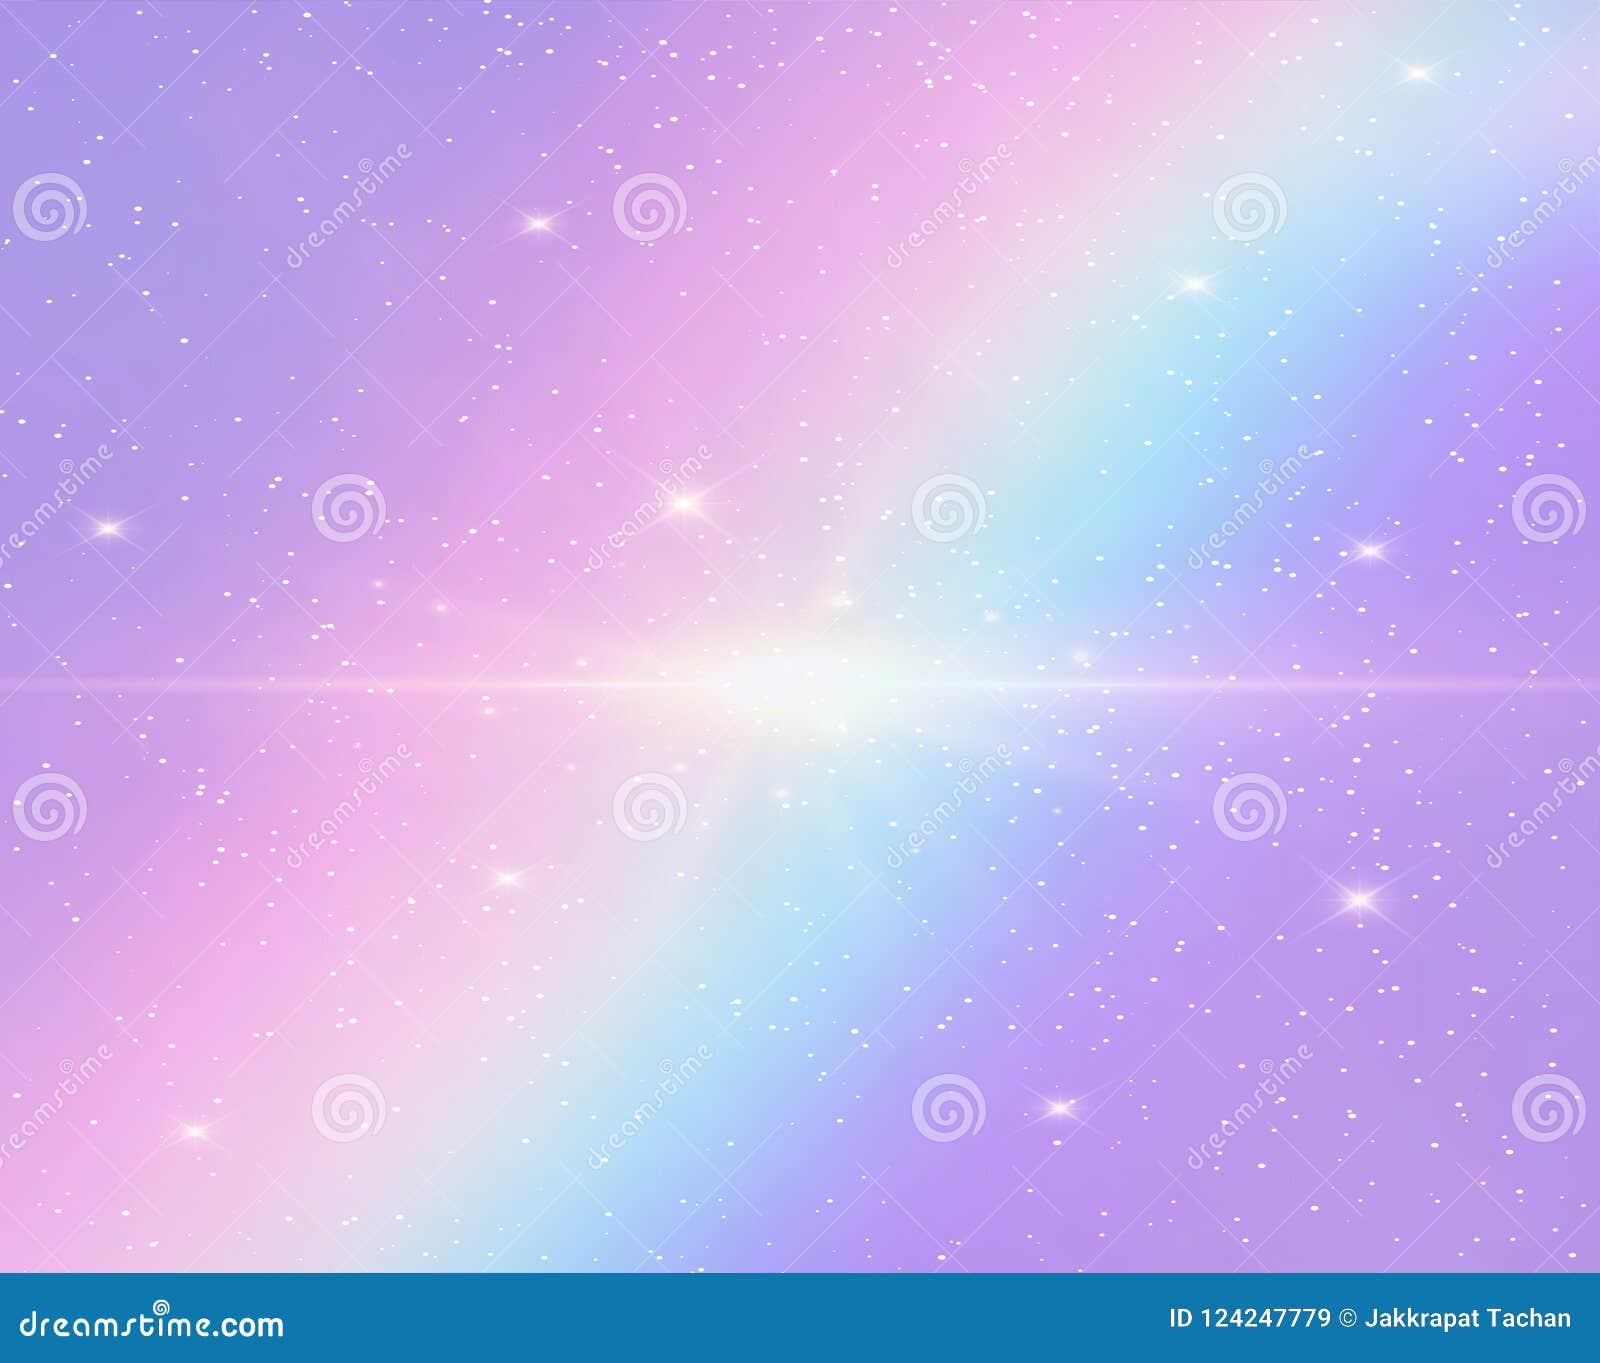 galaxy fantasy background pastel color galaxy fantasy background pastel color unicorn pastel sky rainbow 124247779